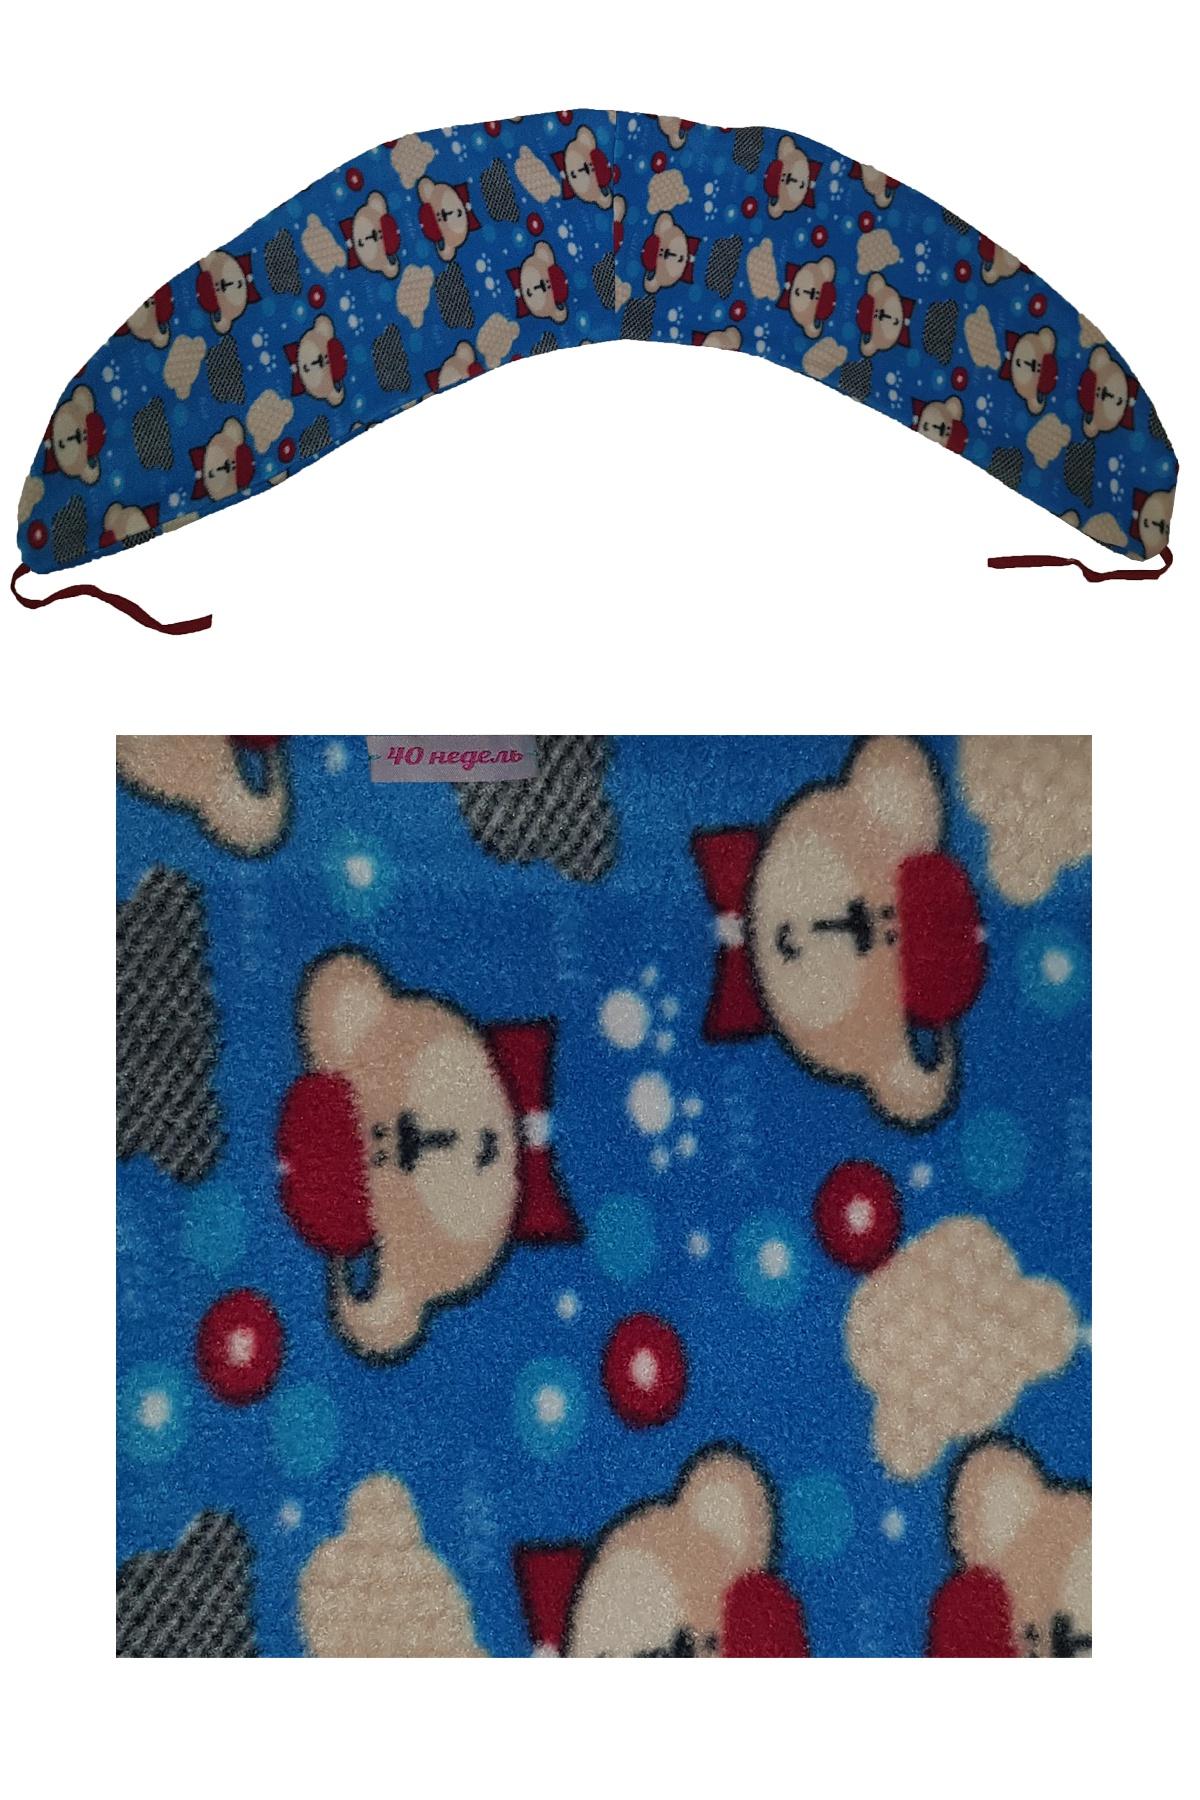 Наволочка ООО 40 недель на подушку для беременных, НБХФЭ7-170, бежевый, голубой, 30*170 см theraline чехол для подушки для беременных 170 см цвет бежевый